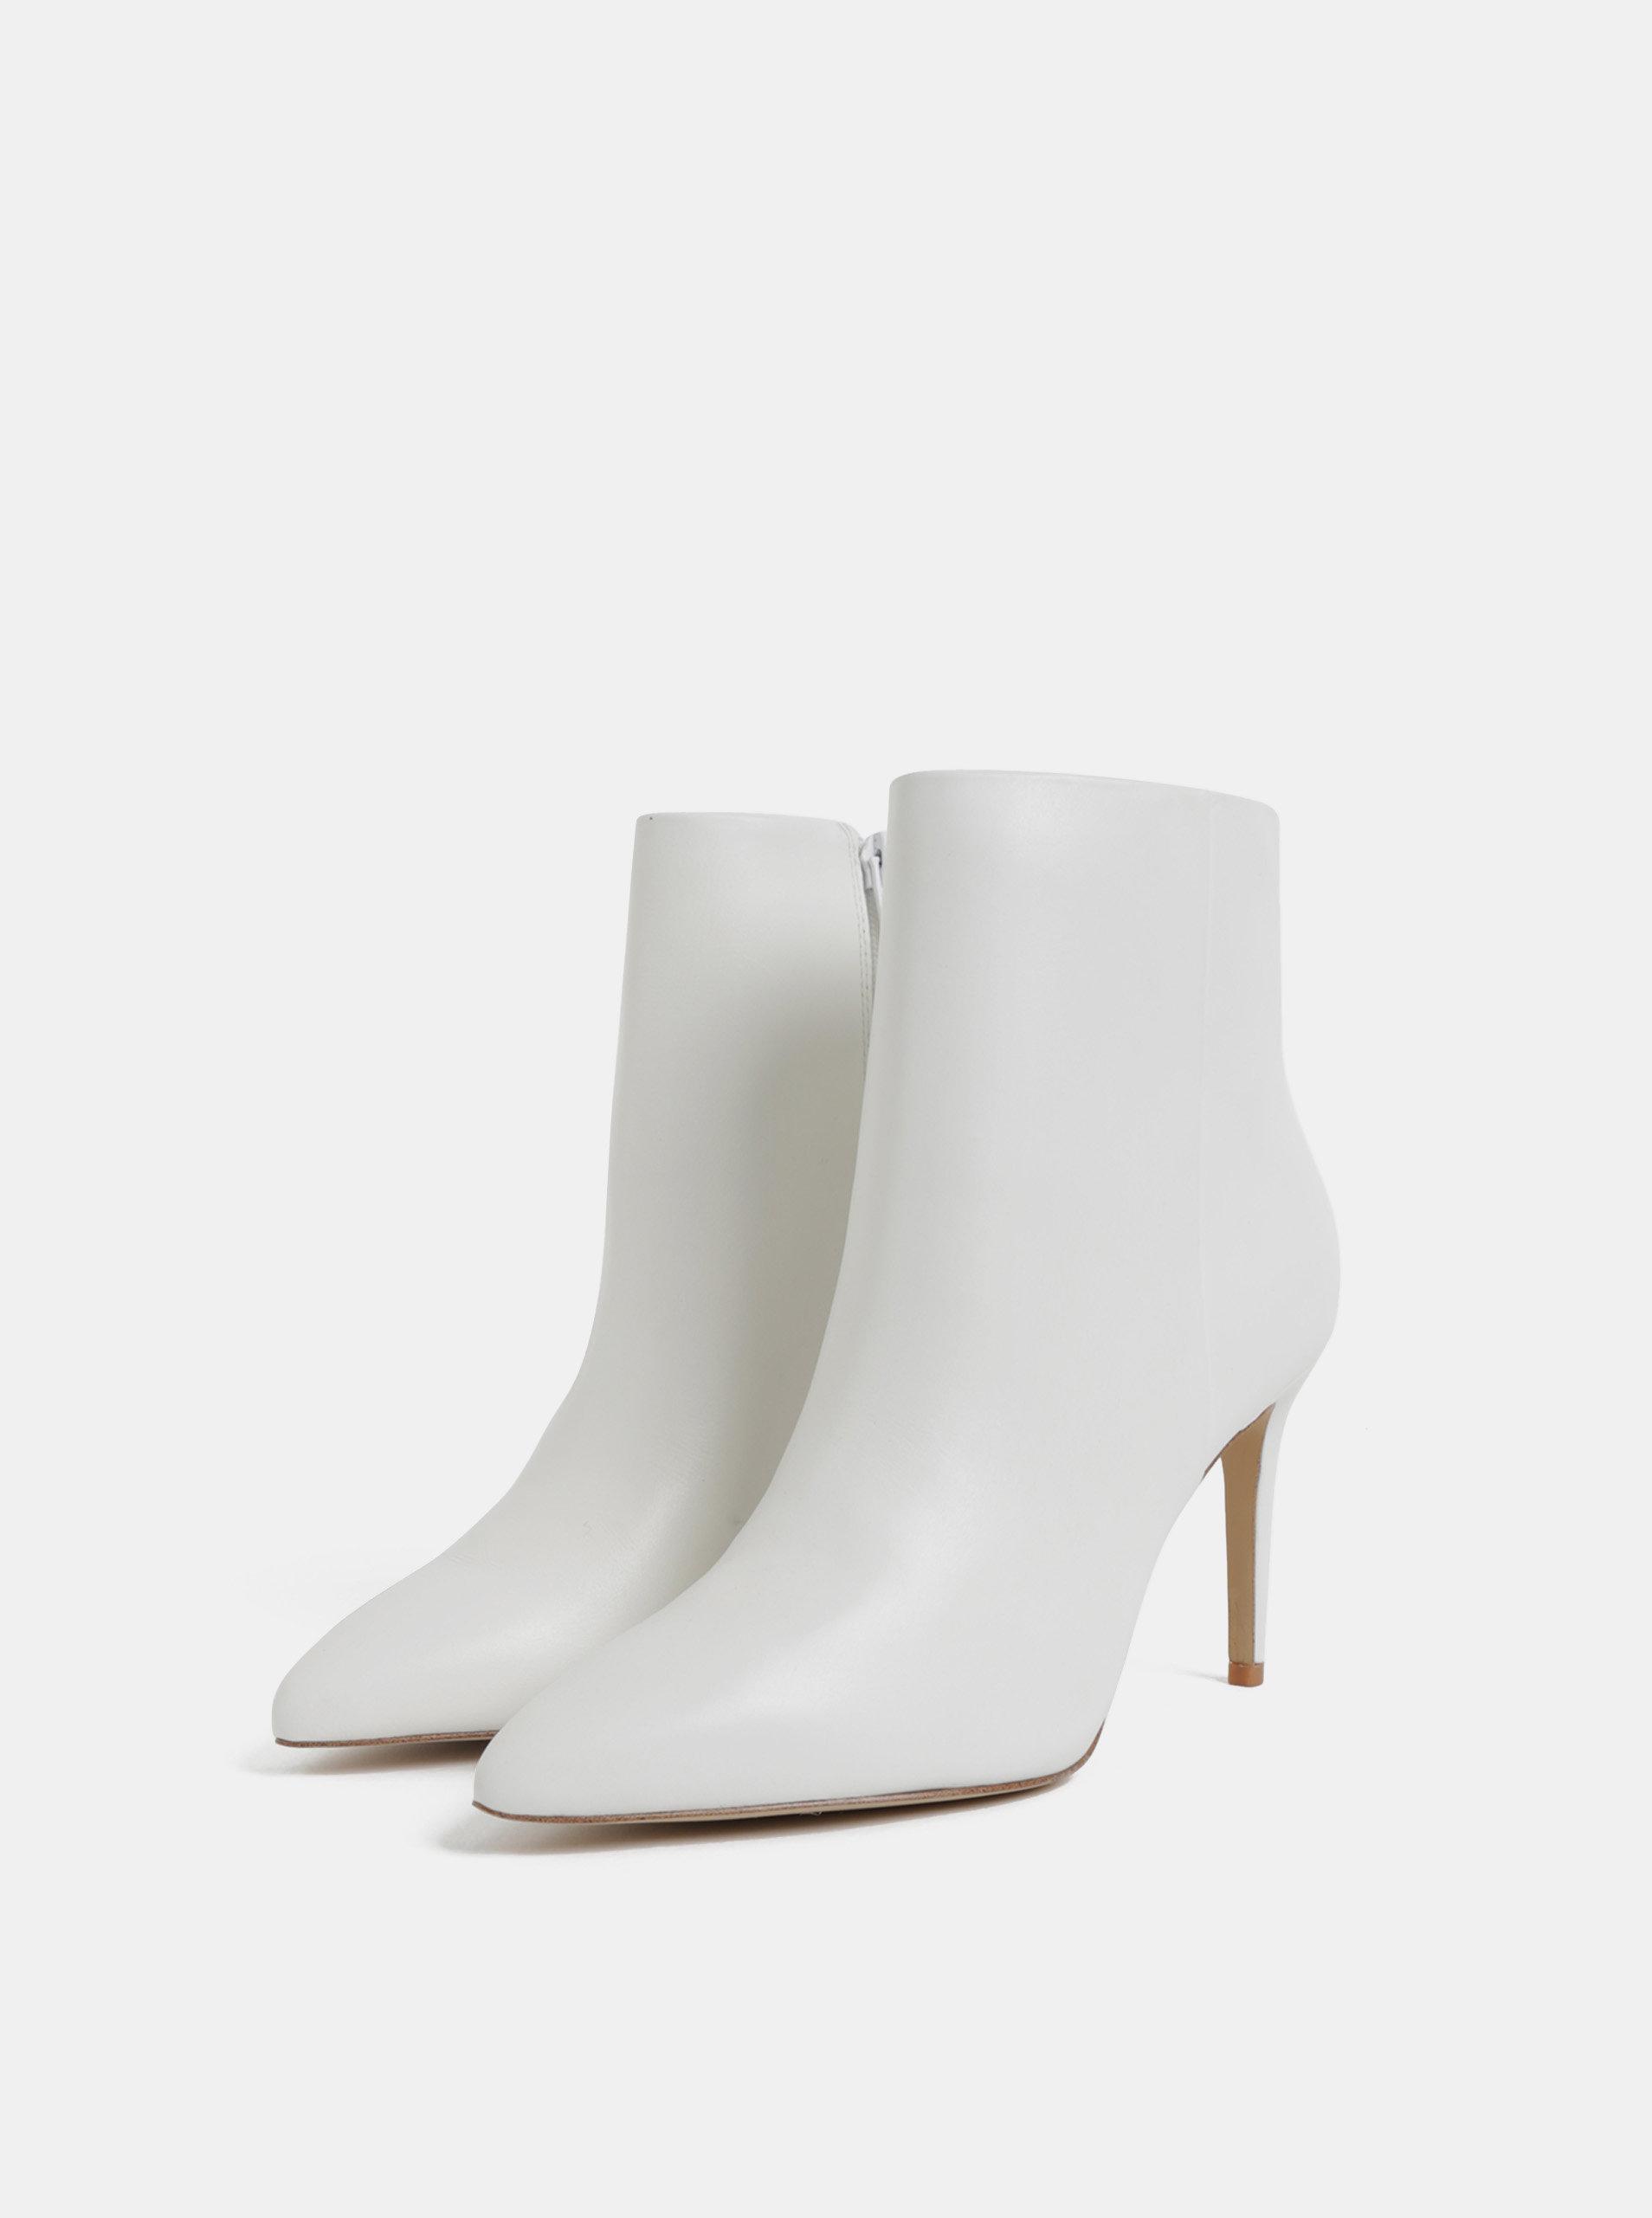 00ca55a32b2 Bílé kožené kotníkové boty na jehlovém podpatku ALDO ...